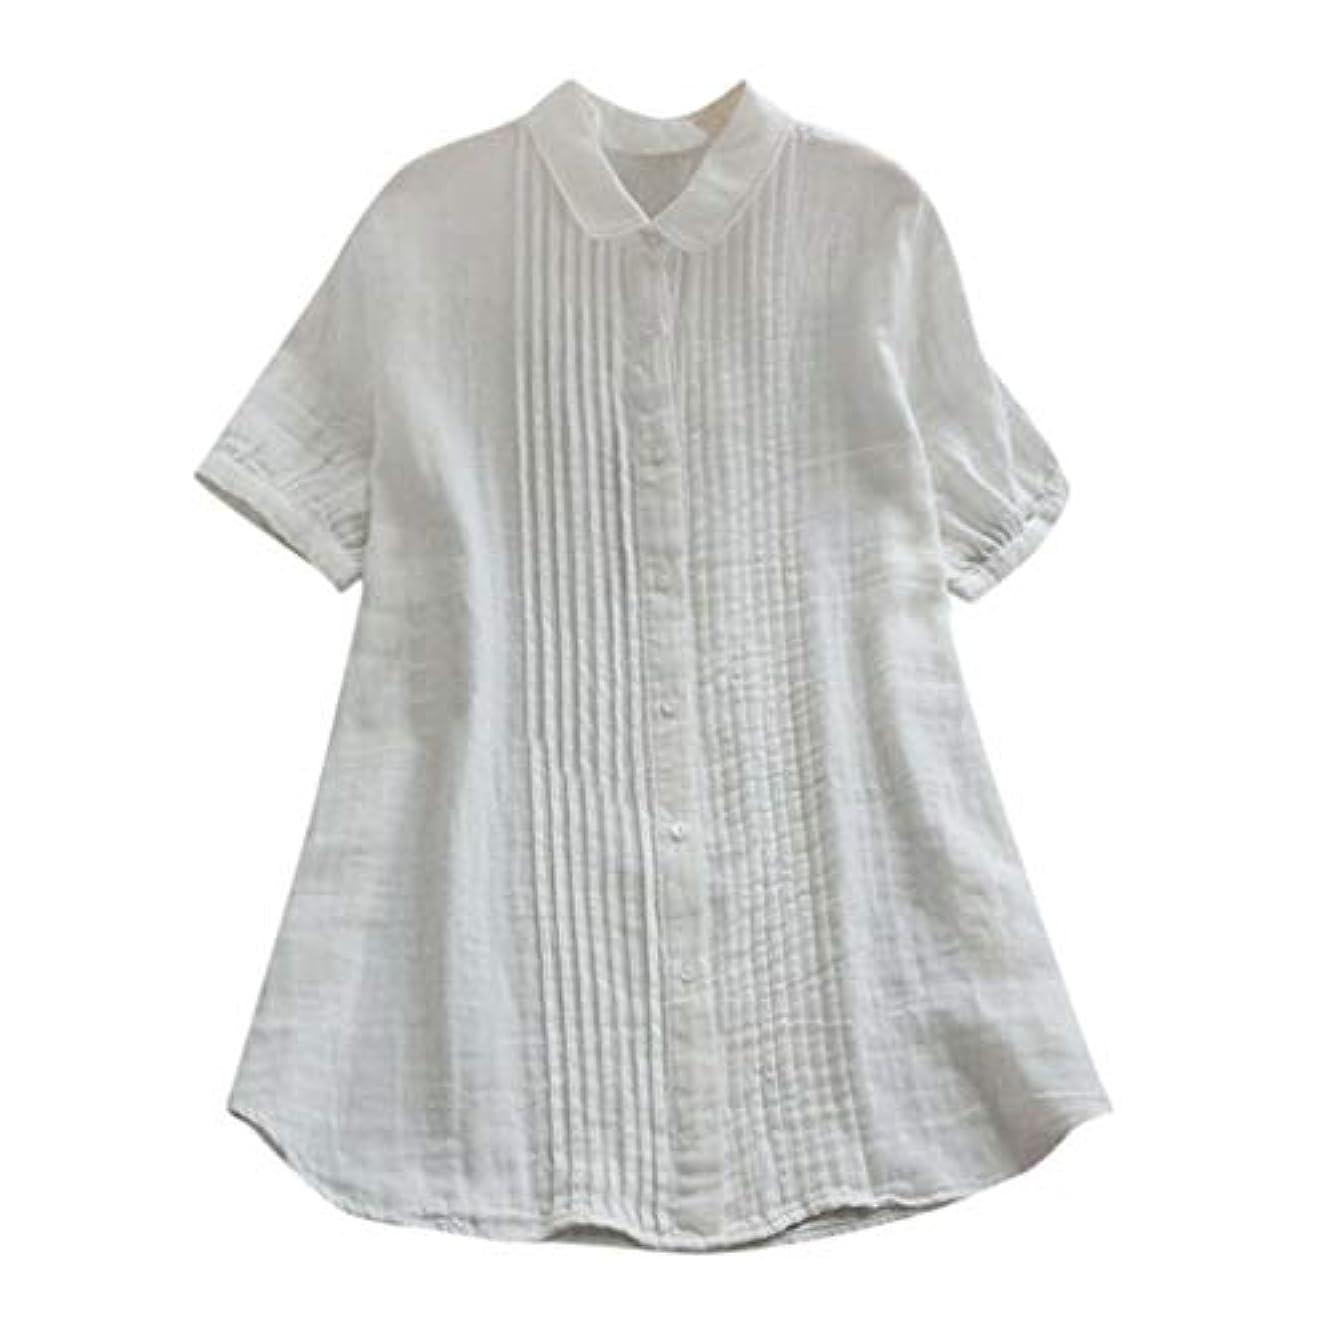 騙す置換外国人女性の半袖Tシャツ - ピーターパンカラー夏緩い無地カジュアルダウントップスブラウス (白, S)